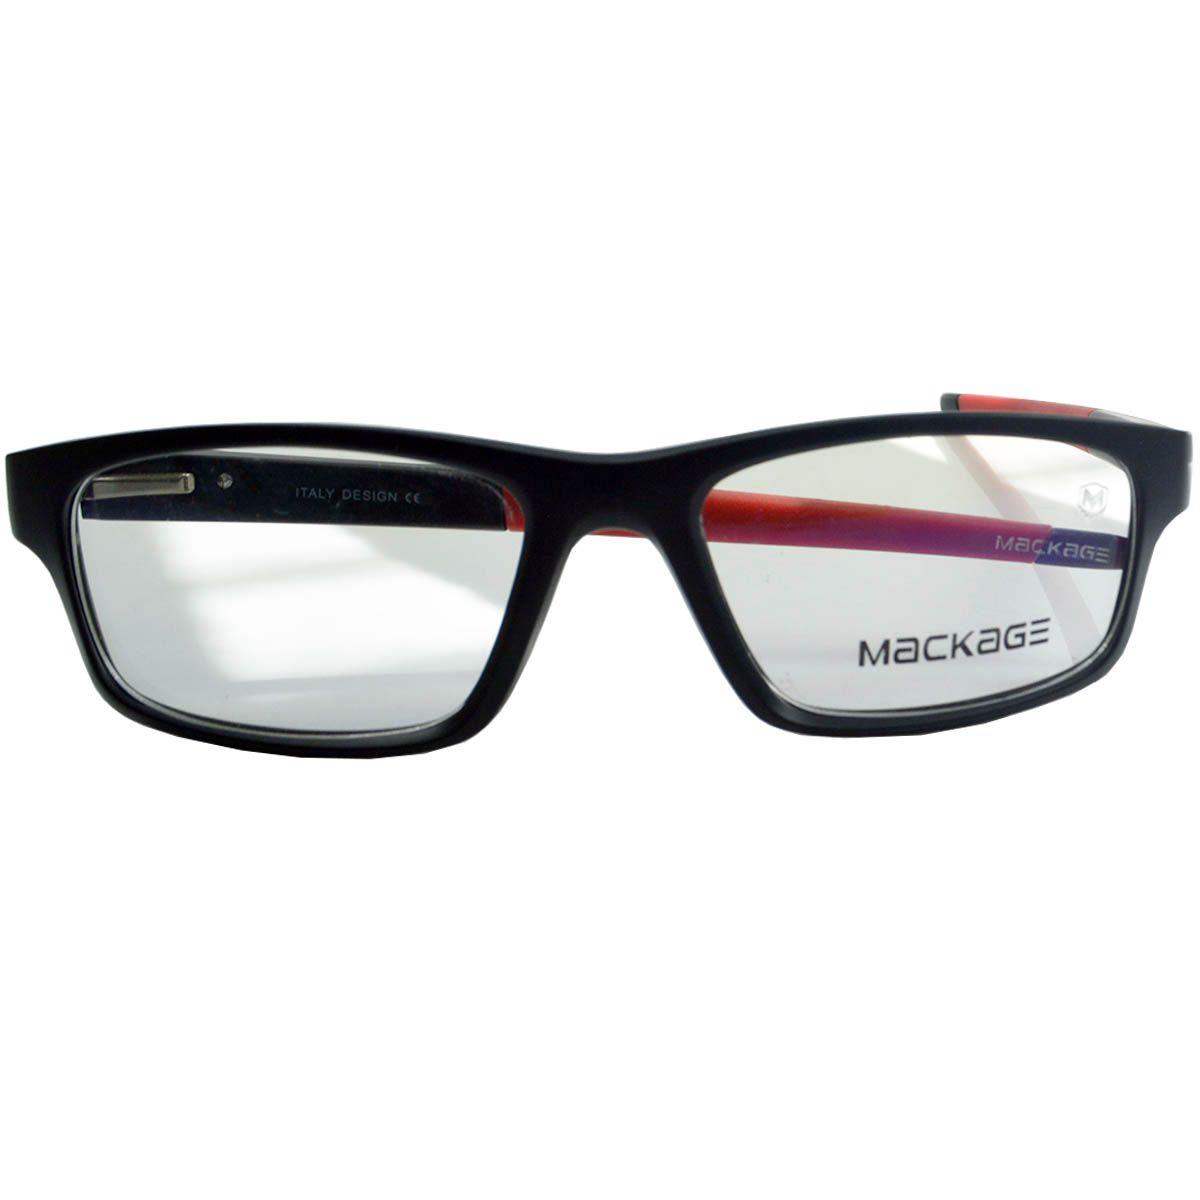 331ba825239a4 Óculos Mackage - Armação MKA9064C4 Preto Vermelho